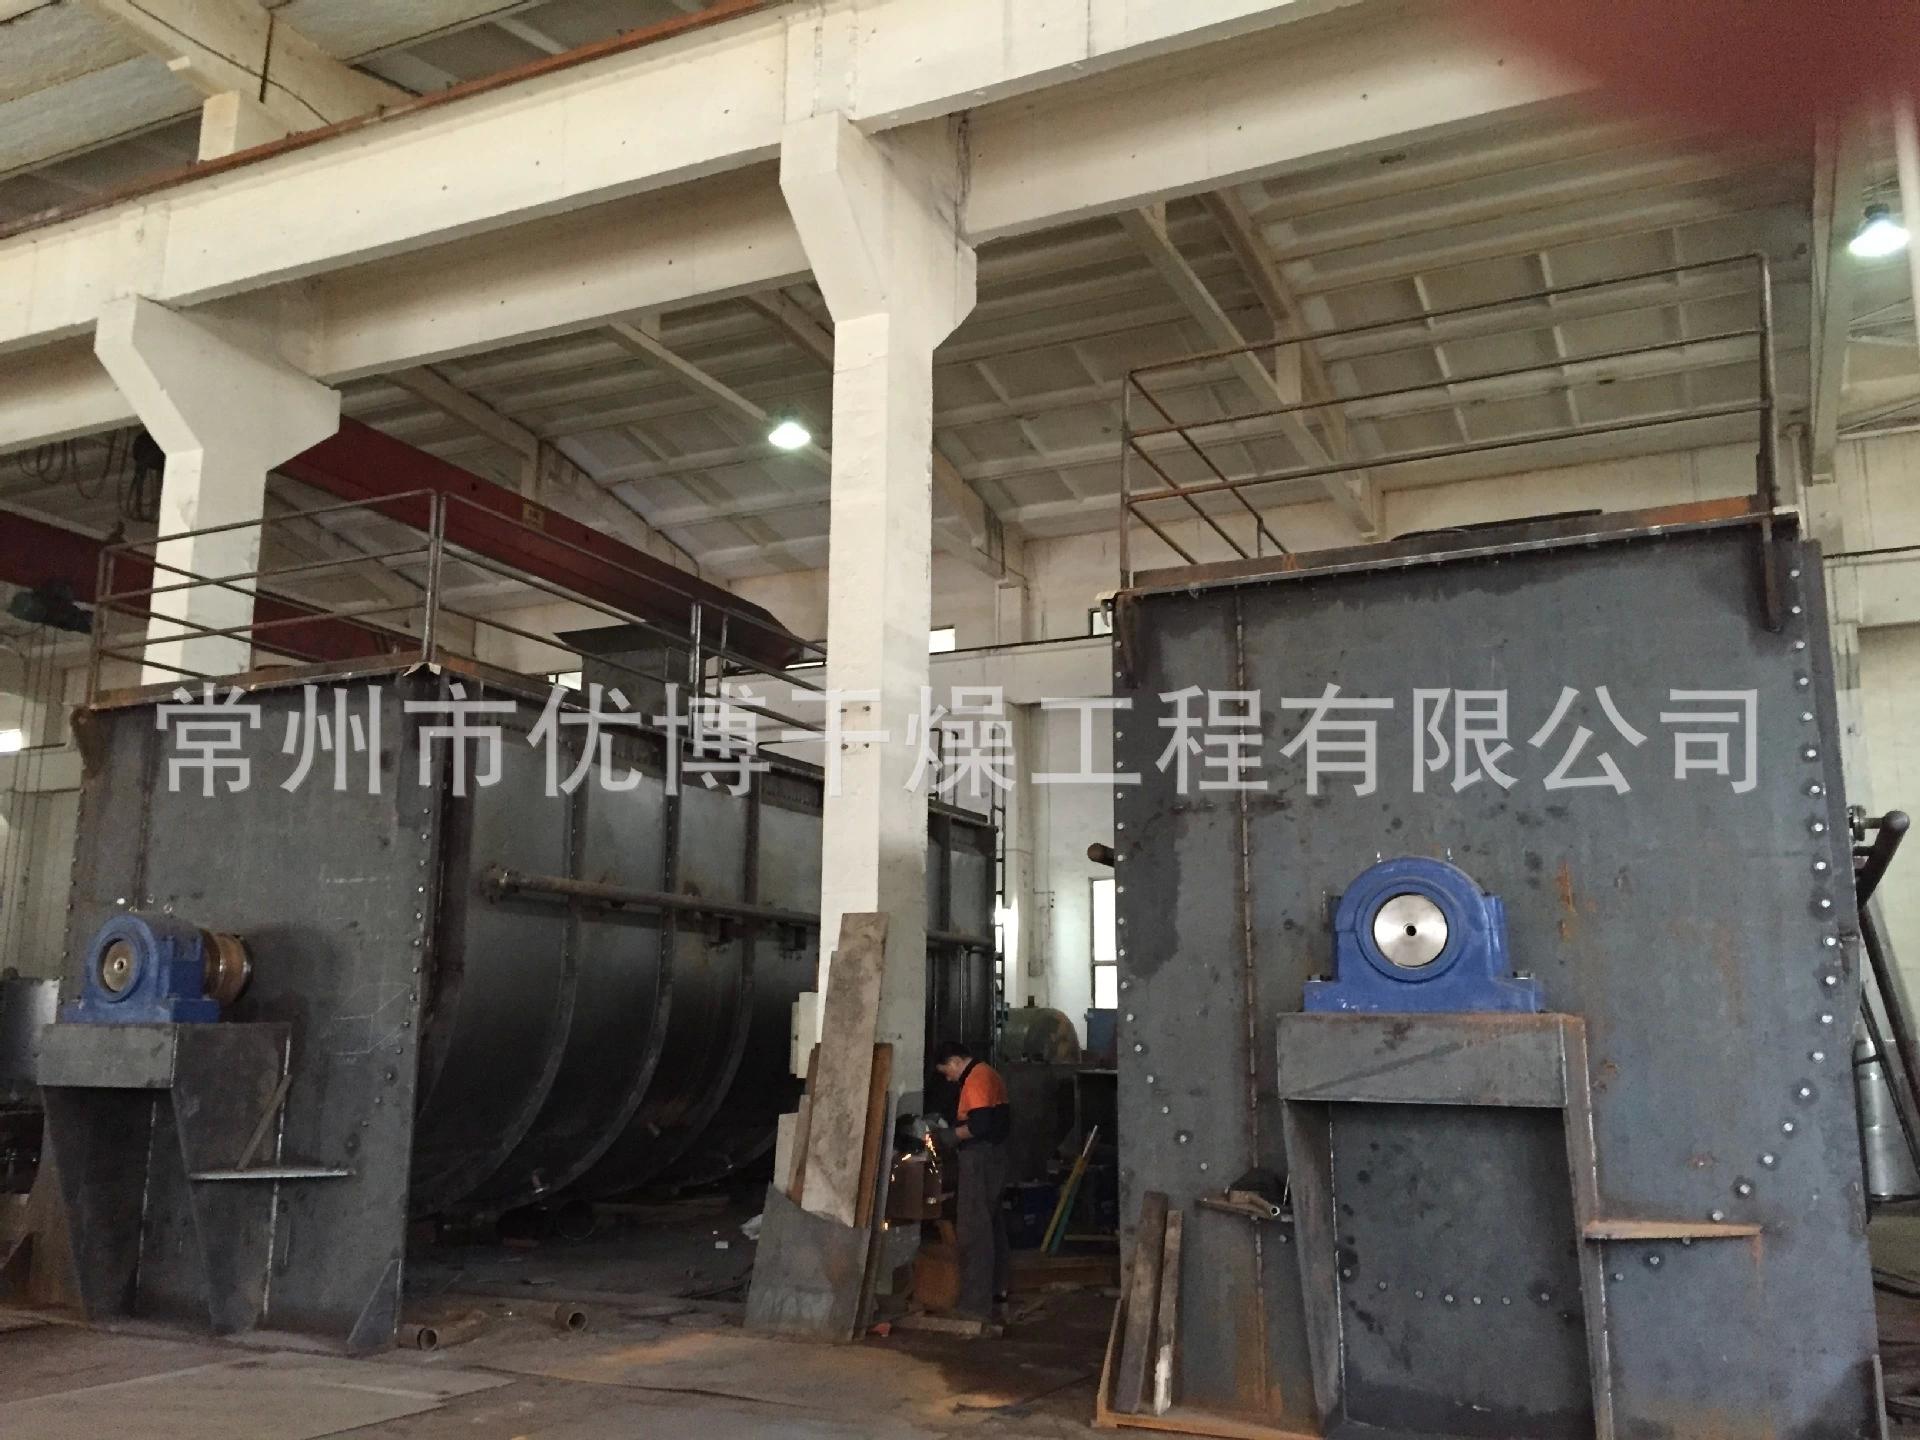 供应造纸污泥干化机组KJG-120、发酵污泥干化设备、双轴桨叶烘干技术